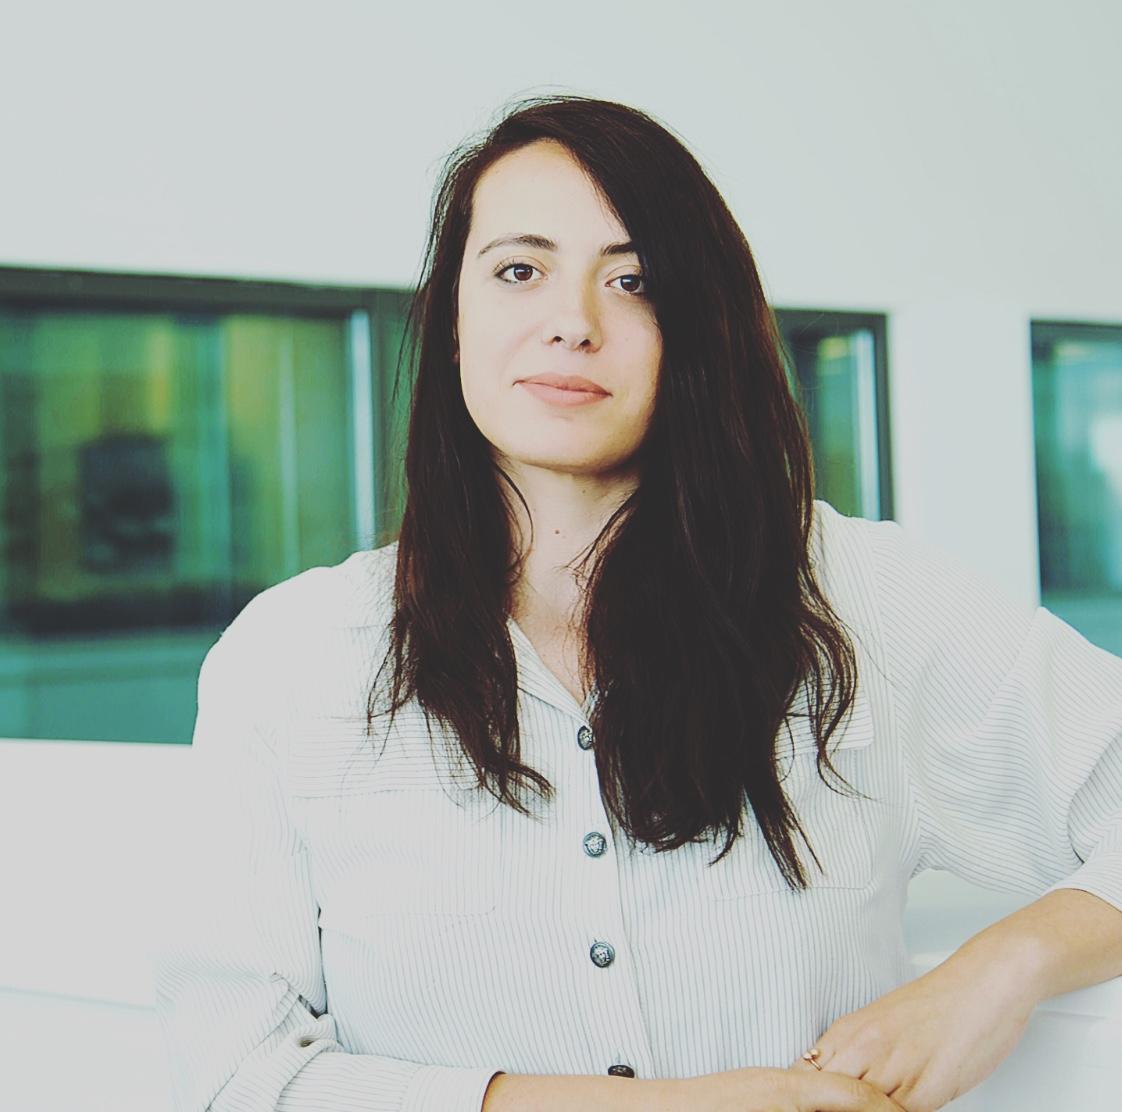 Christina Papagiannouli